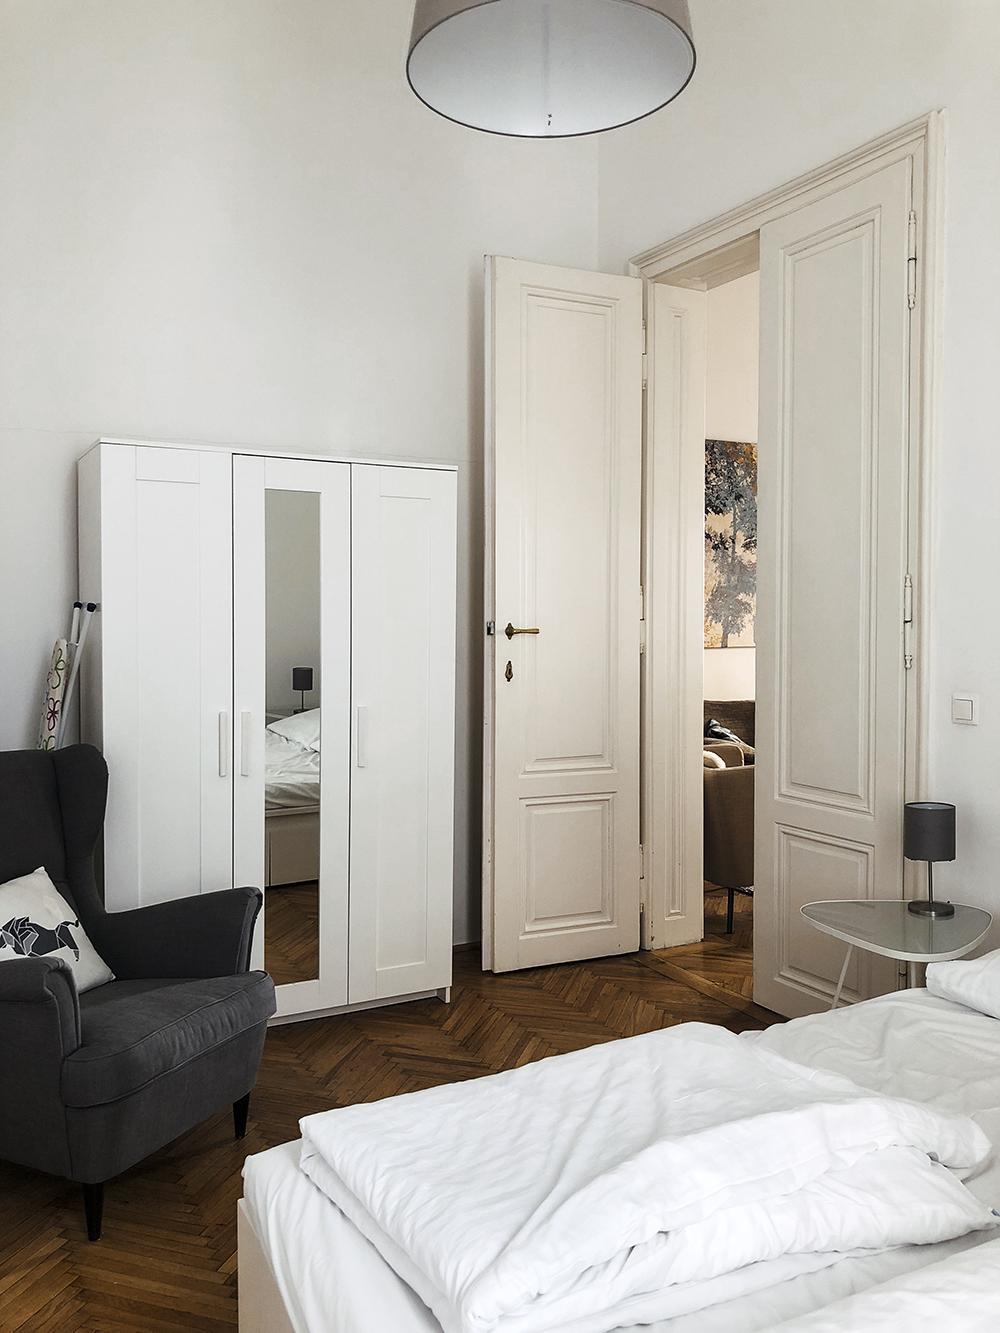 Vienna Apartment Stylesnooperdan 2.jpg